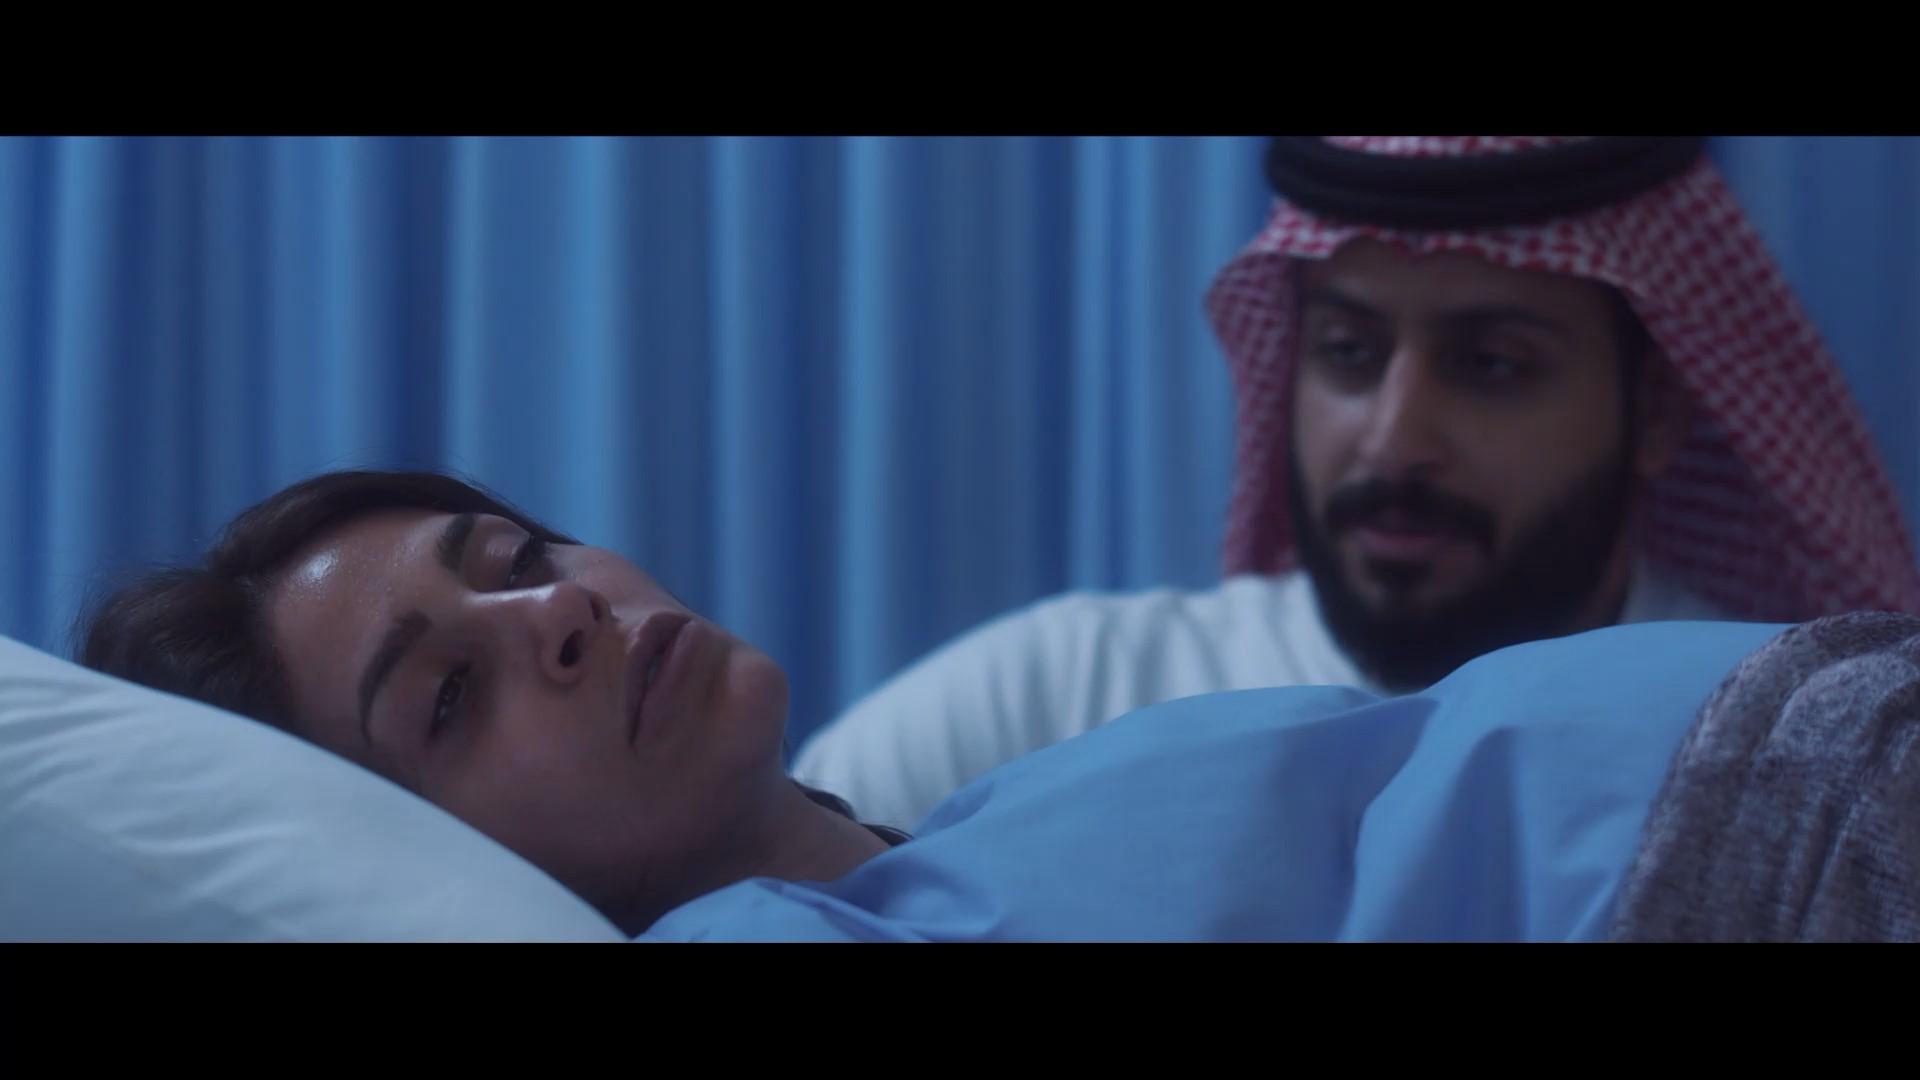 [فيلم][تورنت][تحميل][اختياري][2019][1080p][HDTV][سعودي] 3 arabp2p.com